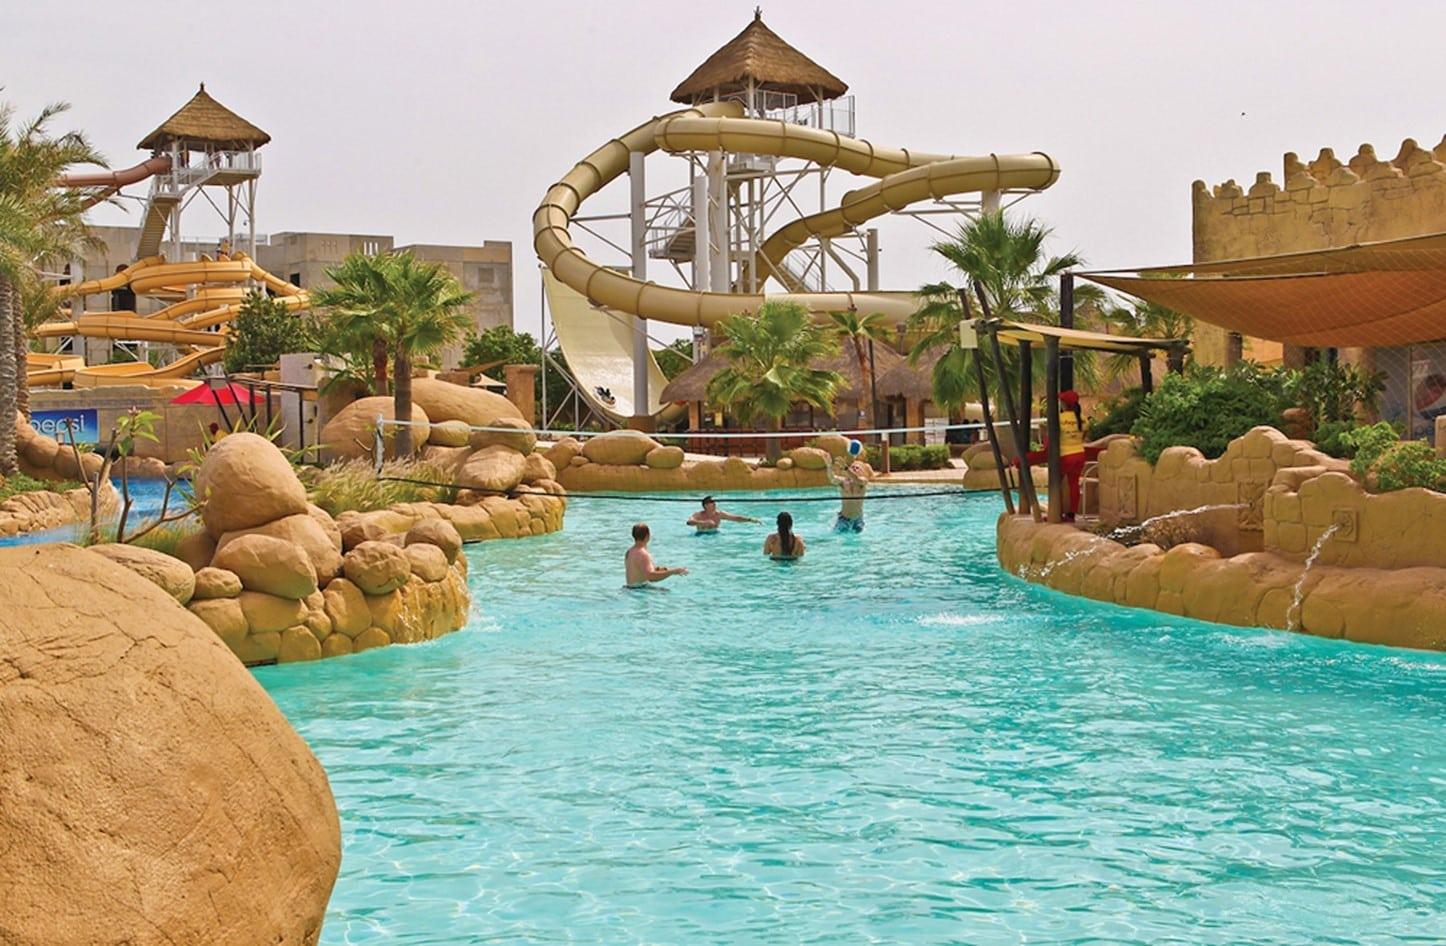 حديقة جنة دلمون المفقودة البحرين